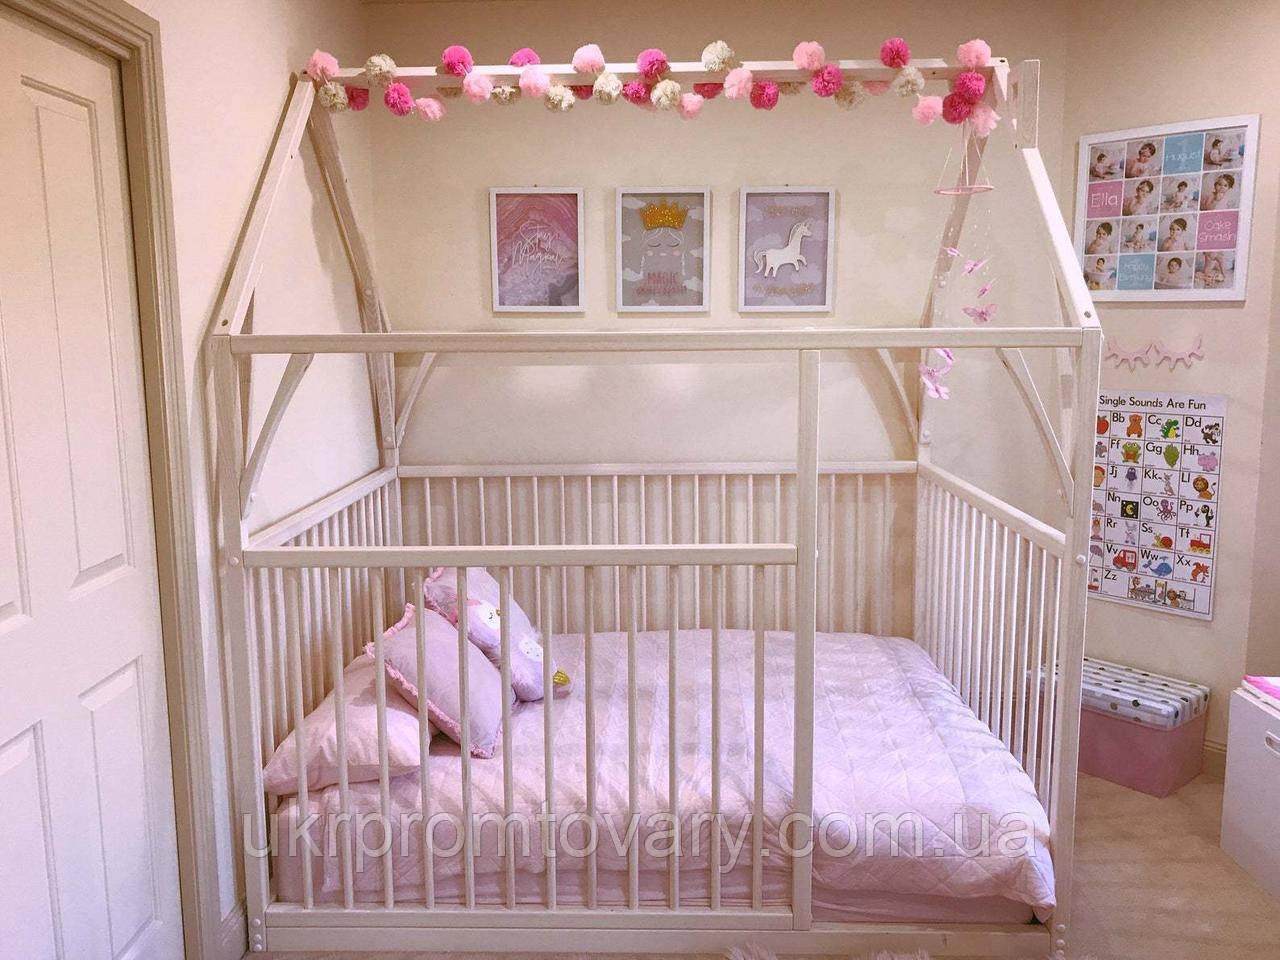 Кровать LOFT DESIGN 64072, НАТУРАЛЬНОЕ ДЕРЕВО, мебель Лофт Производство в Киеве